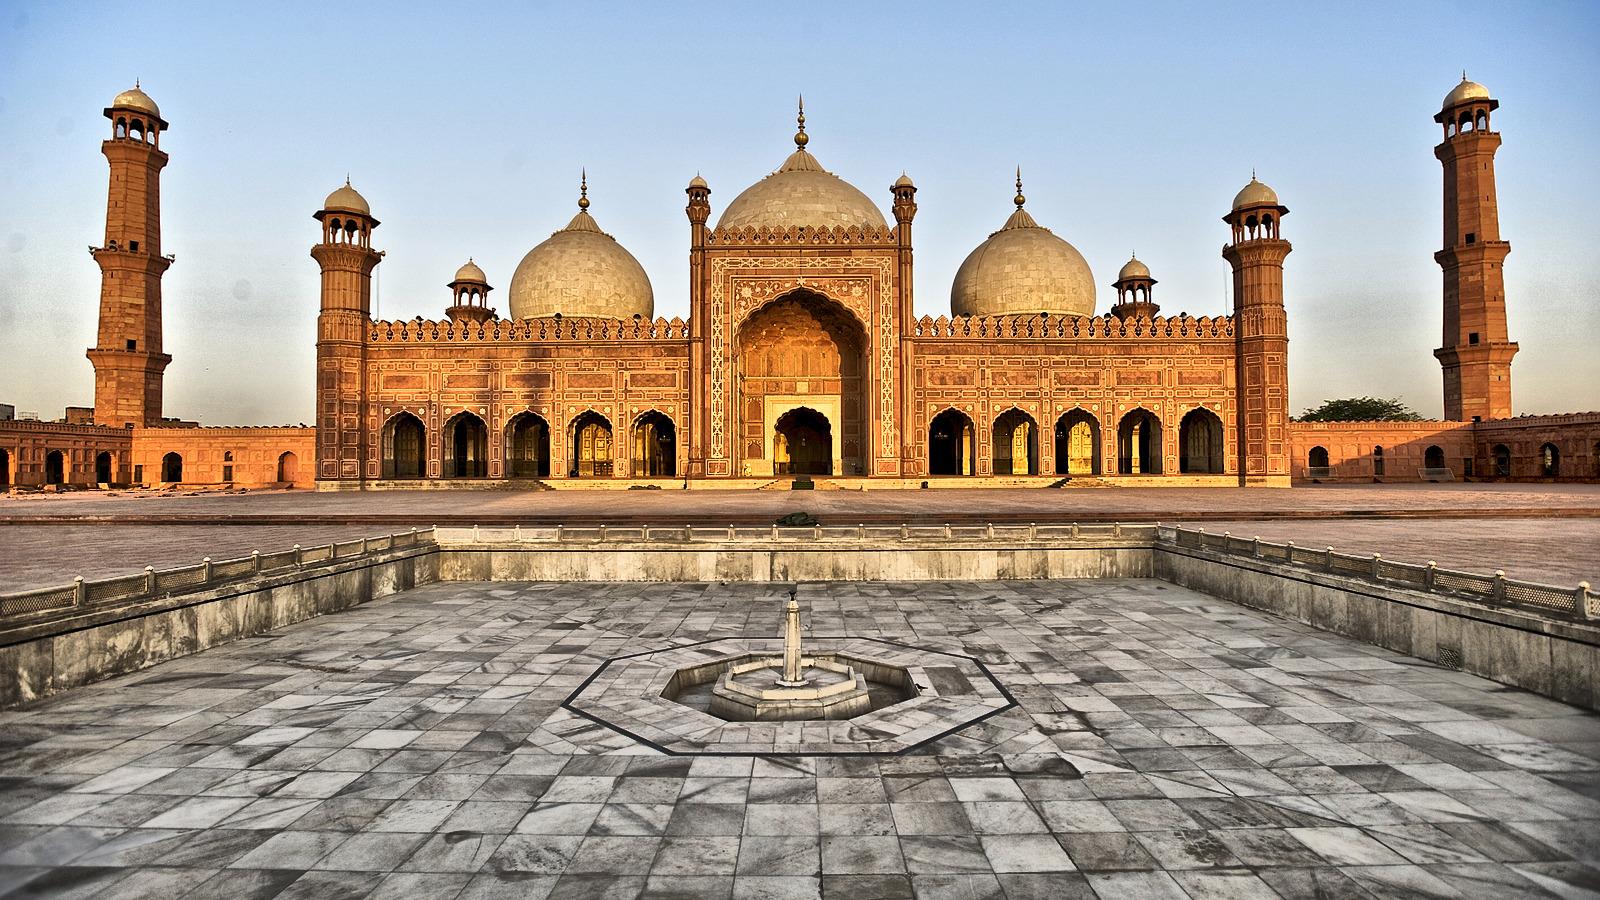 mosque-wallpaper-hd